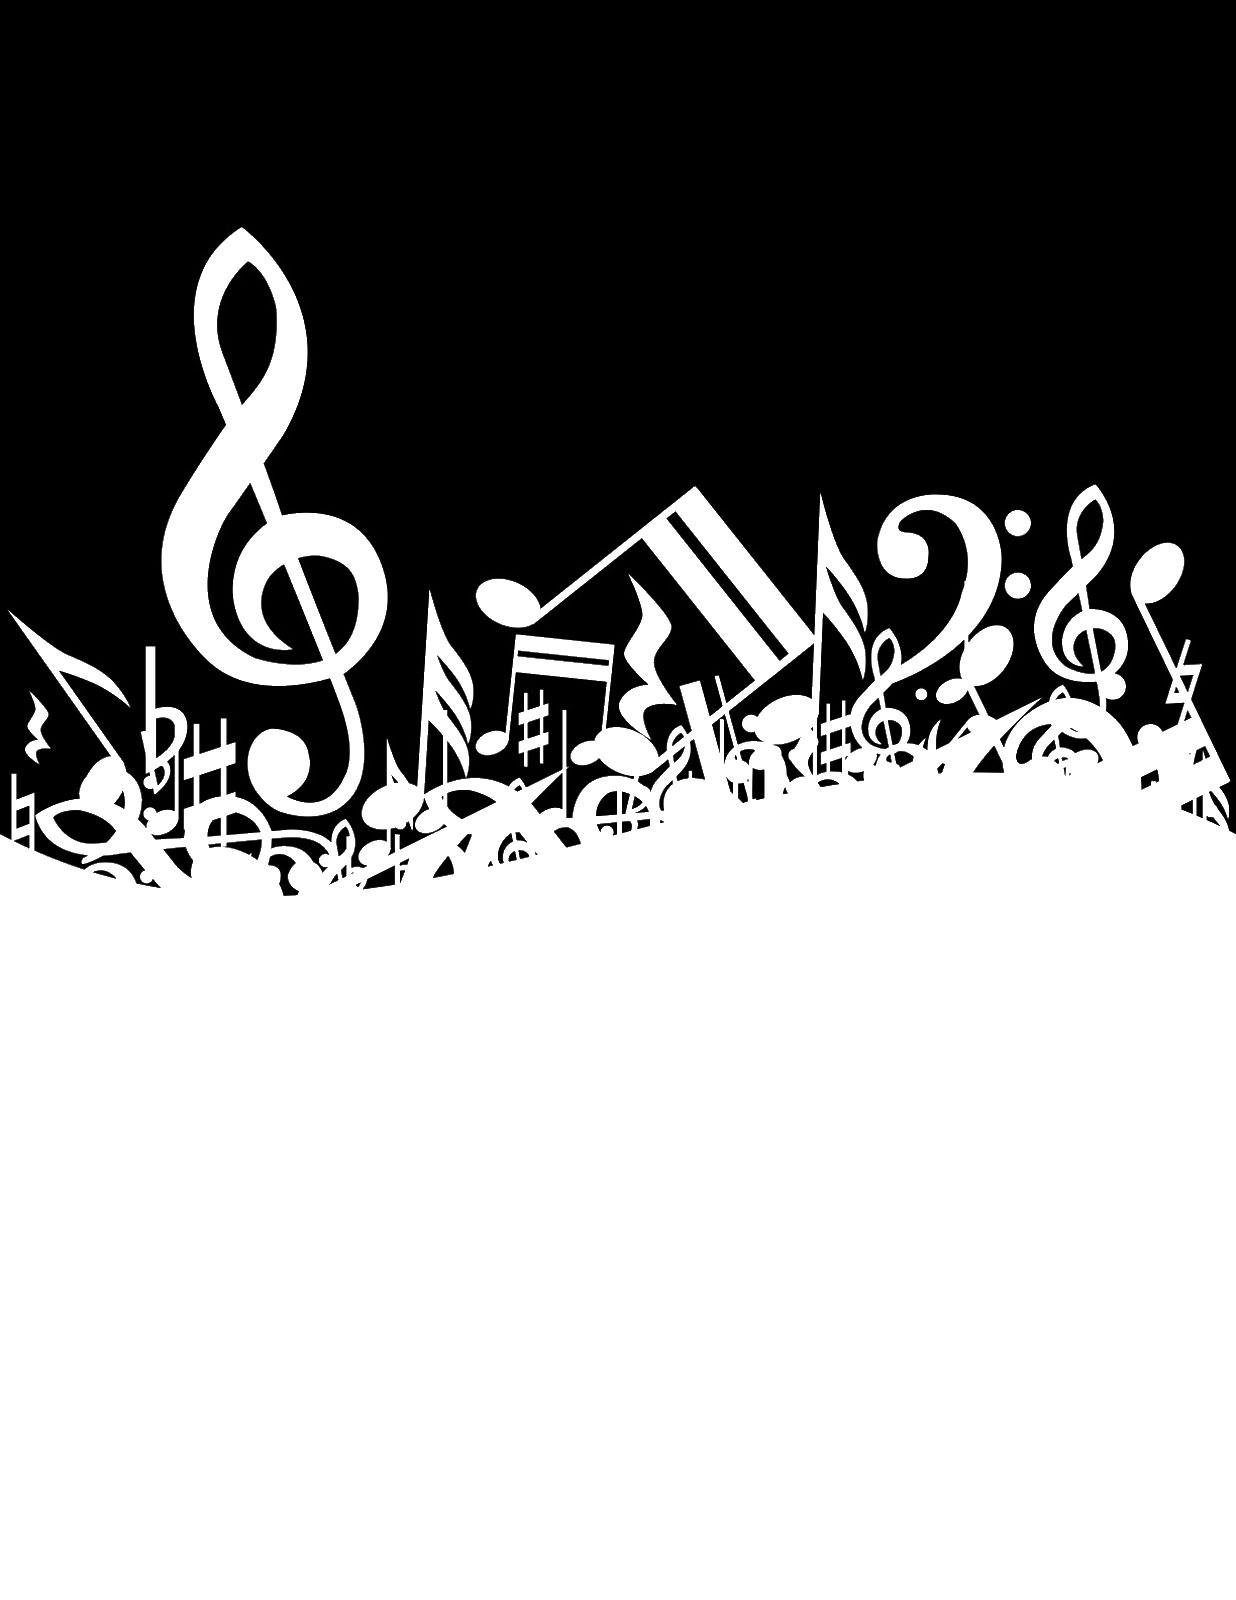 音符イラスト 埋もれた音符と記号 無料のフリー素材